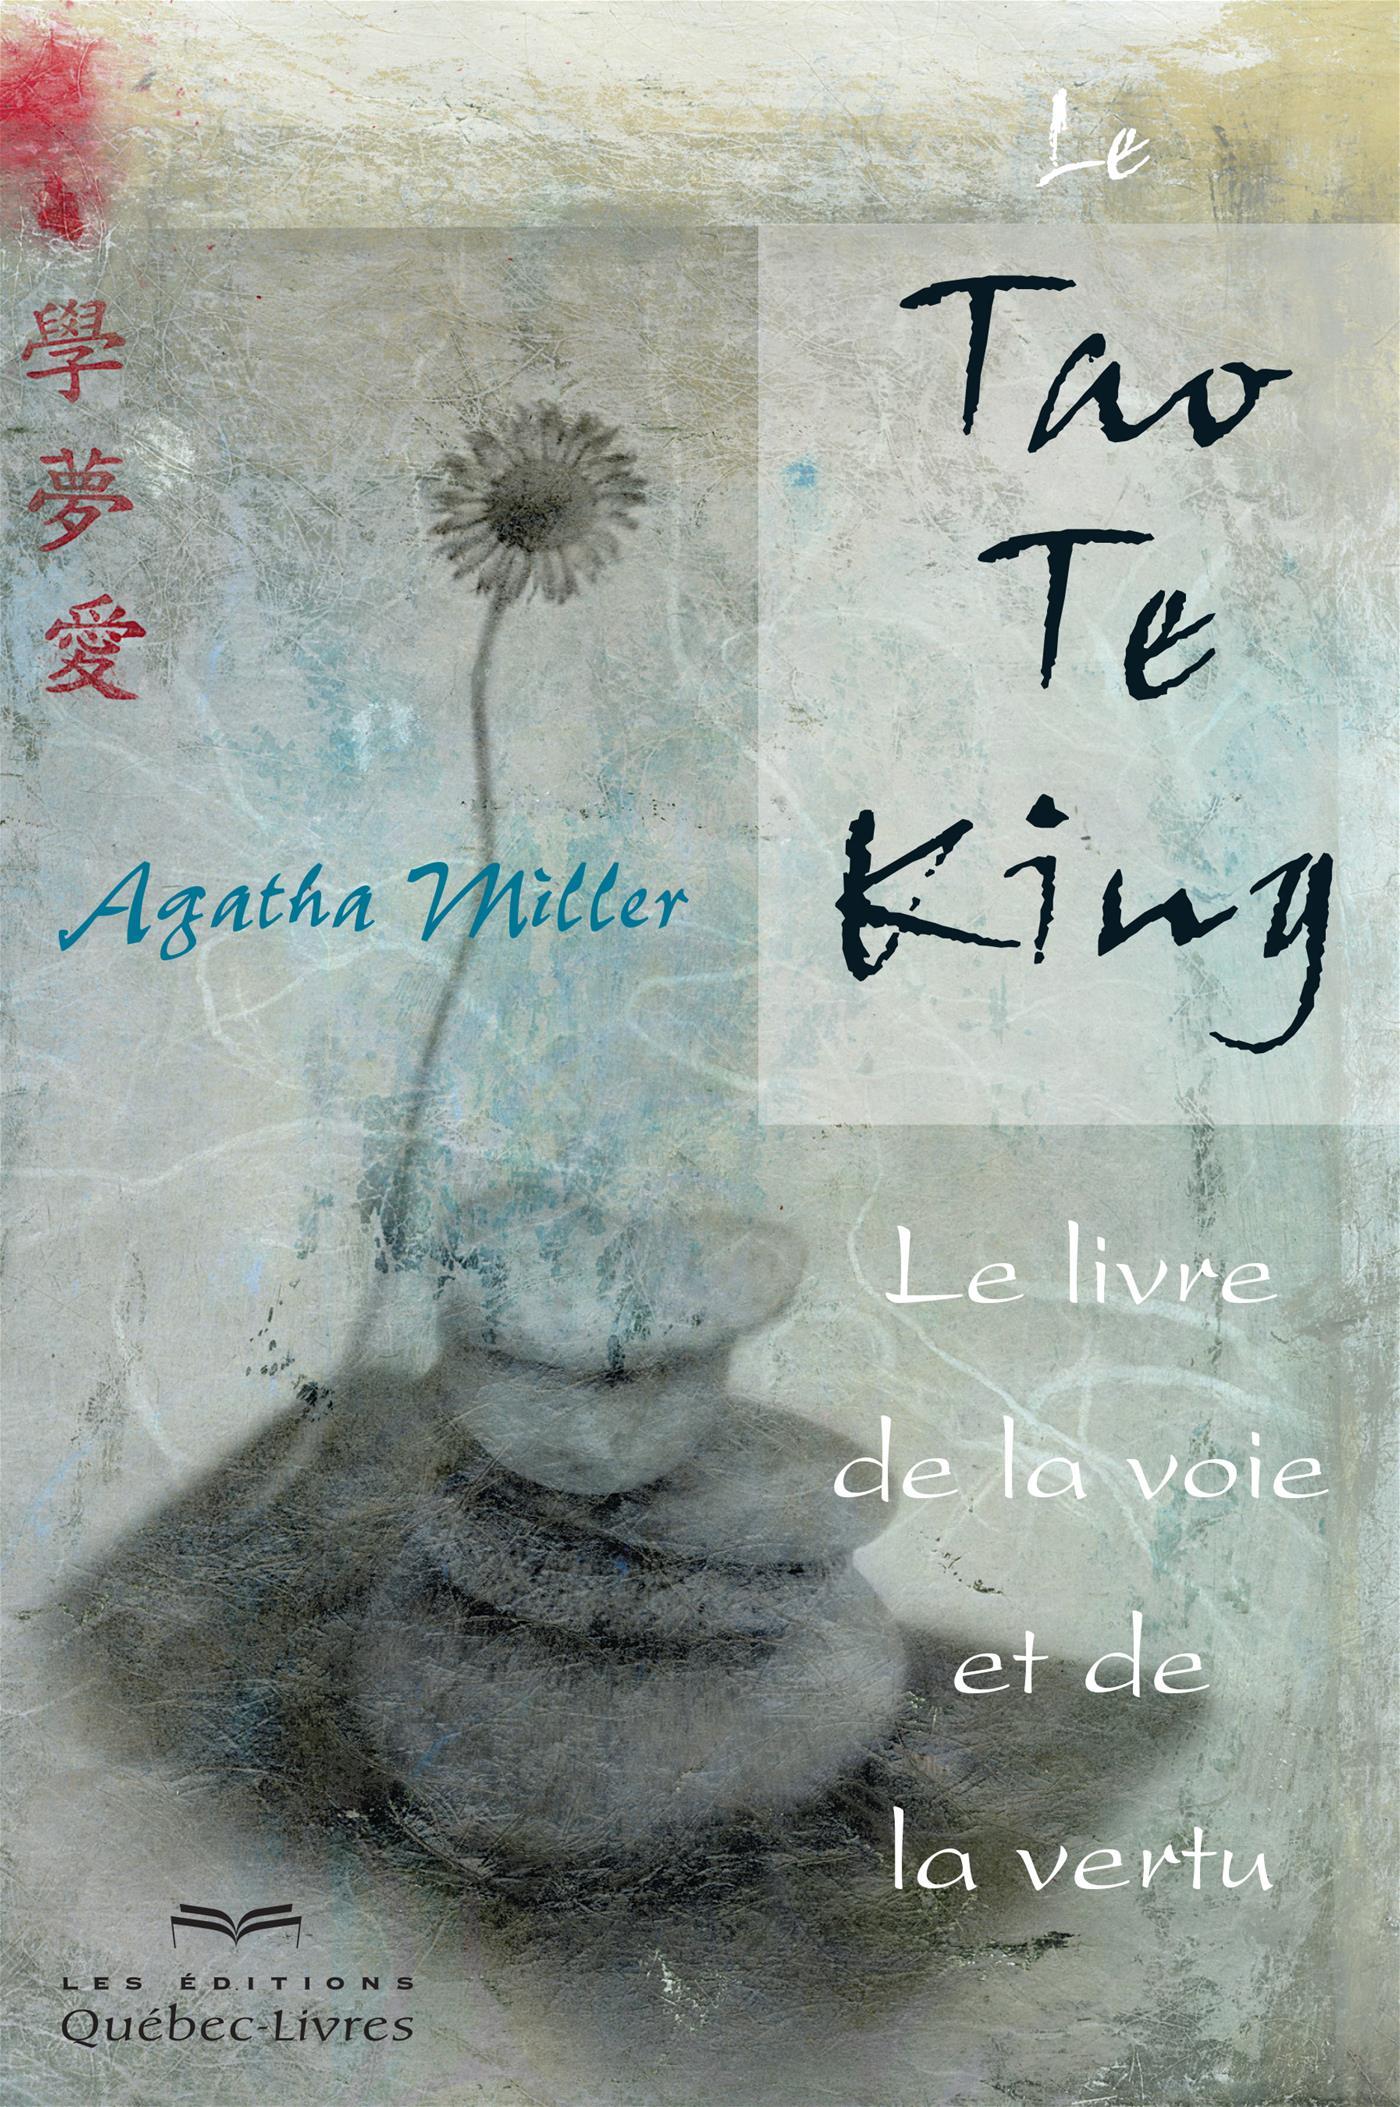 Le Tao Te King